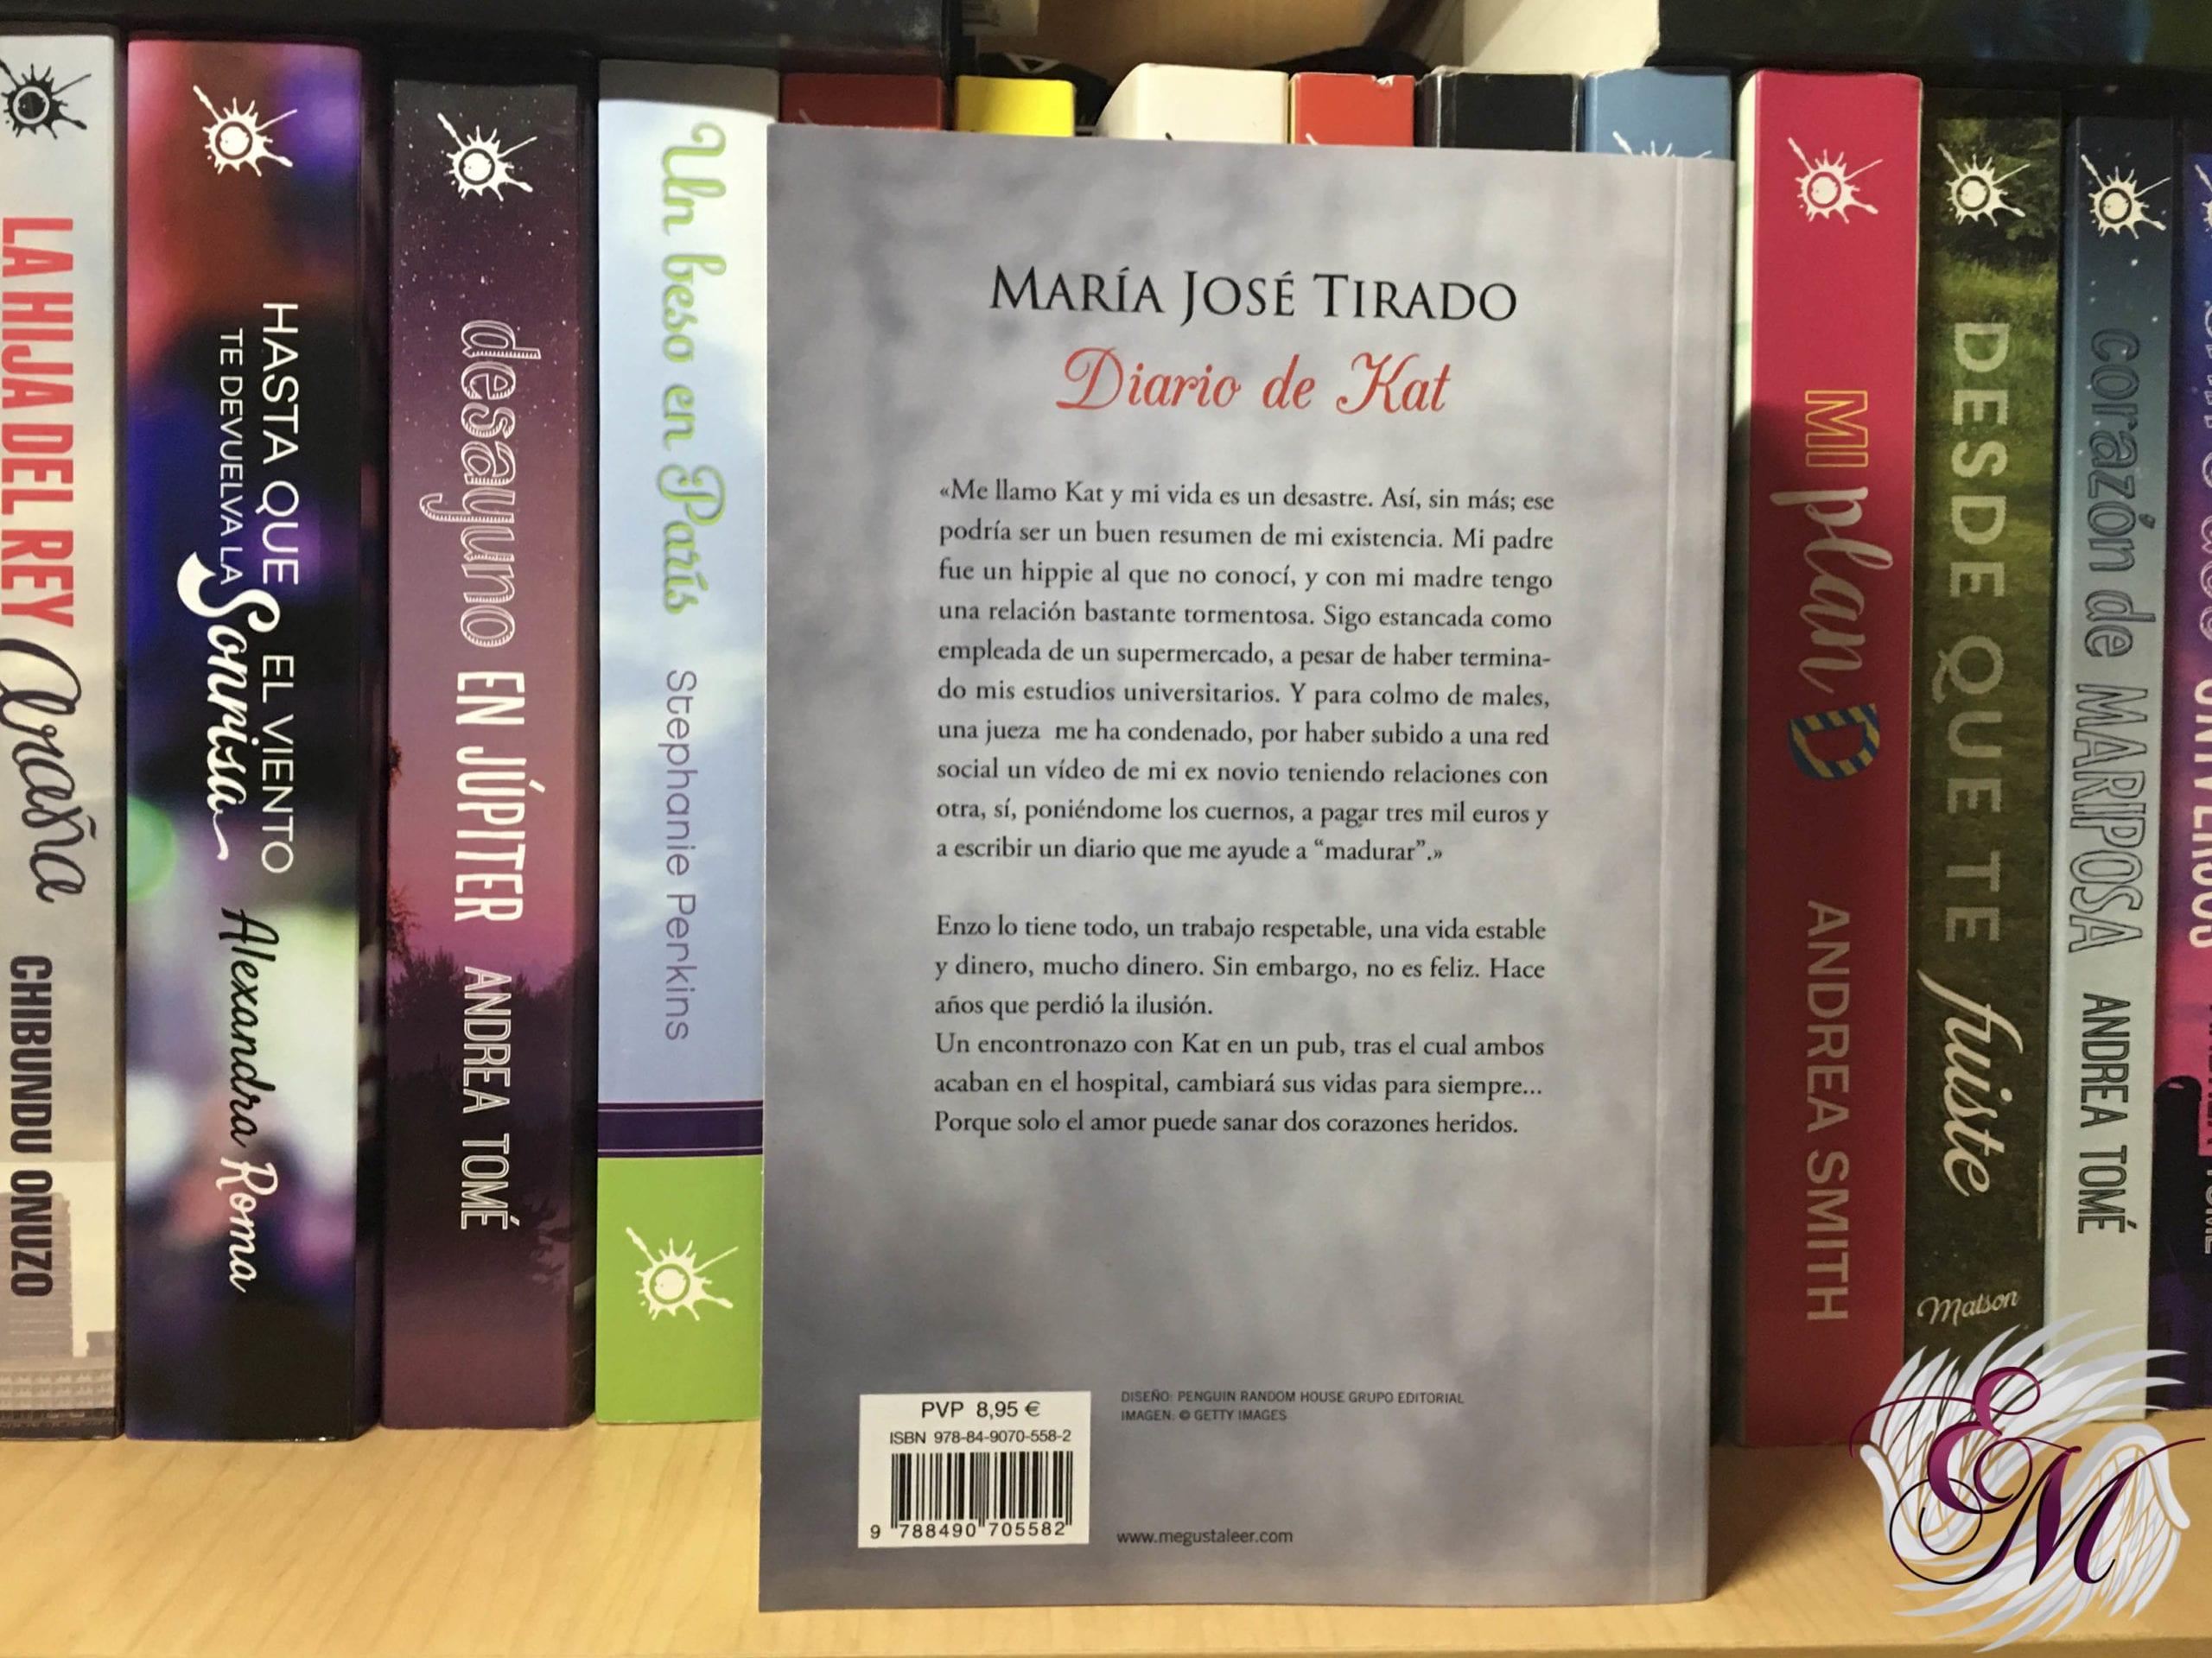 Diario de Kat, de María José Tirado - Reseña